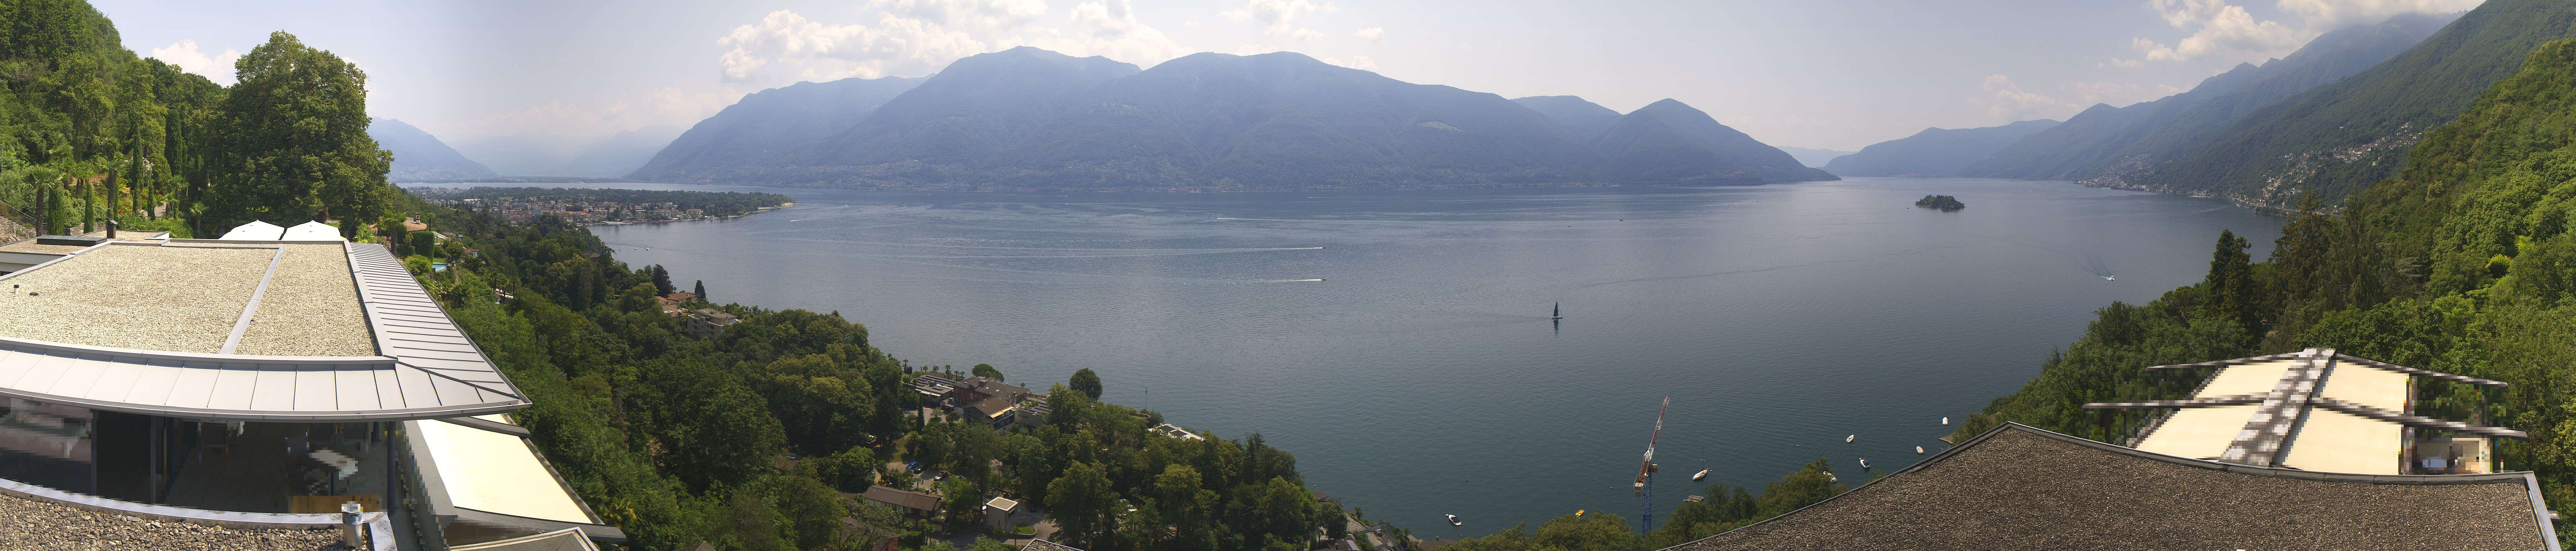 Livecam Ascona Hotel Casa Berno